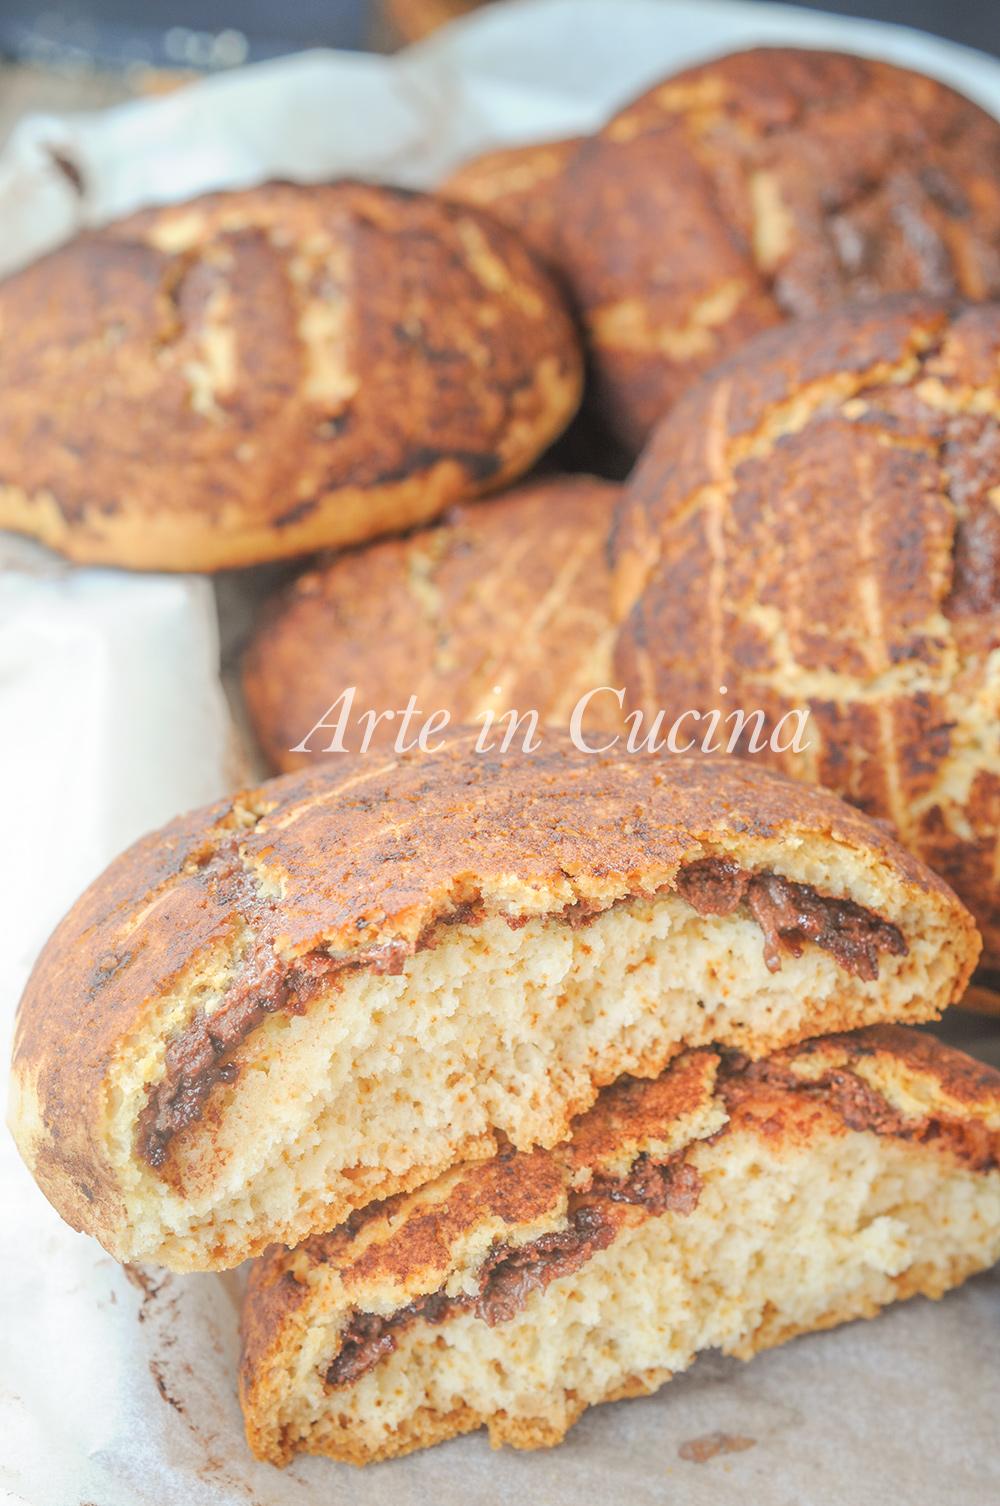 Gallette dolci morbide ripiene di nutella ricetta facile vickyart arte in cucina